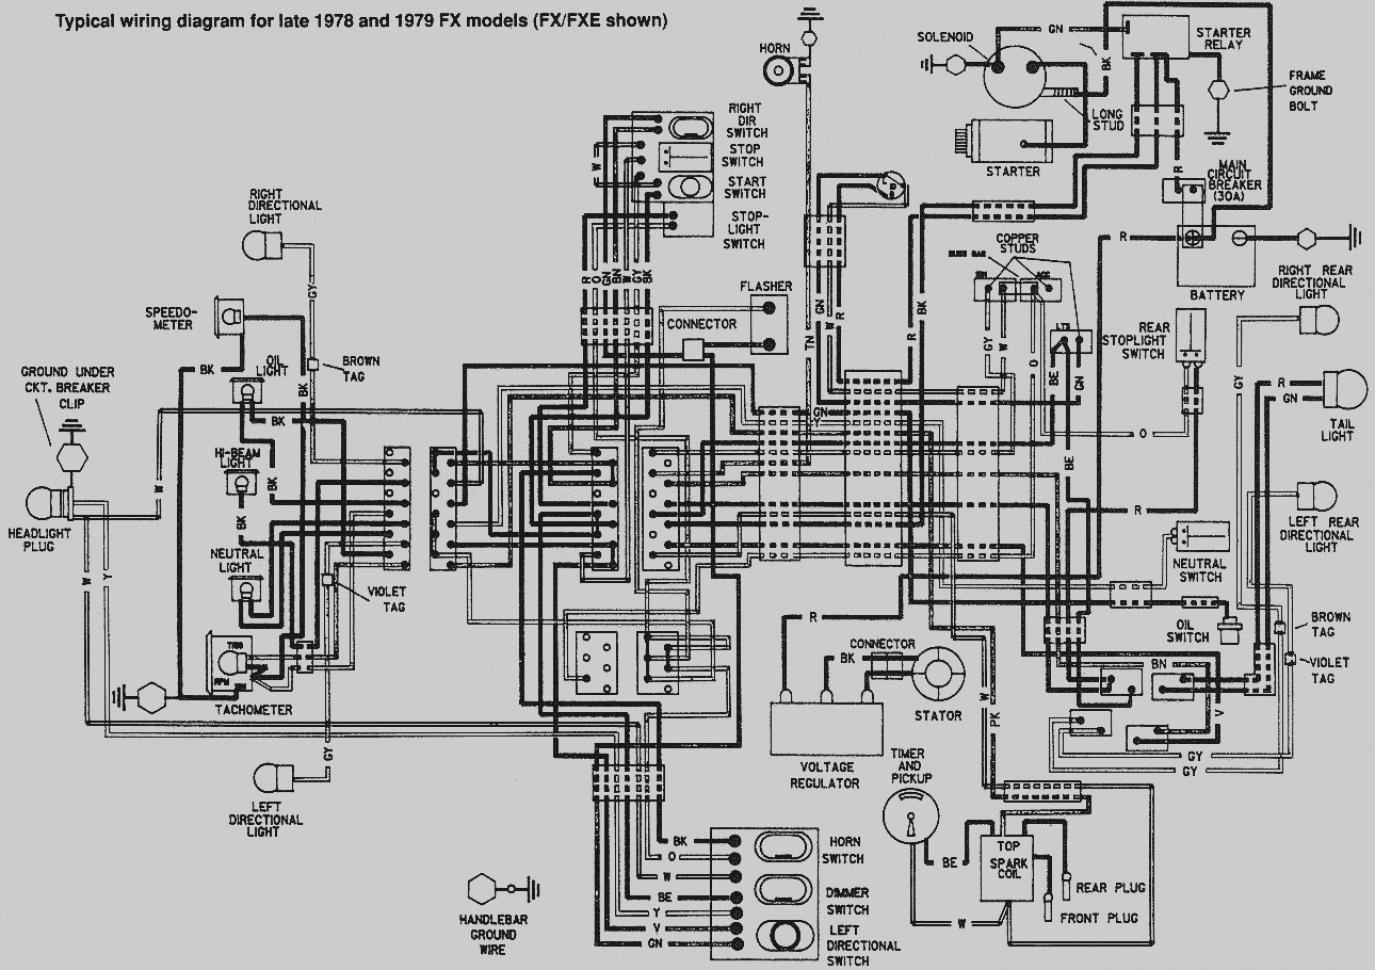 Davidson 1980 Flh Wiring Diagram Get Free Image About Wiring ... on